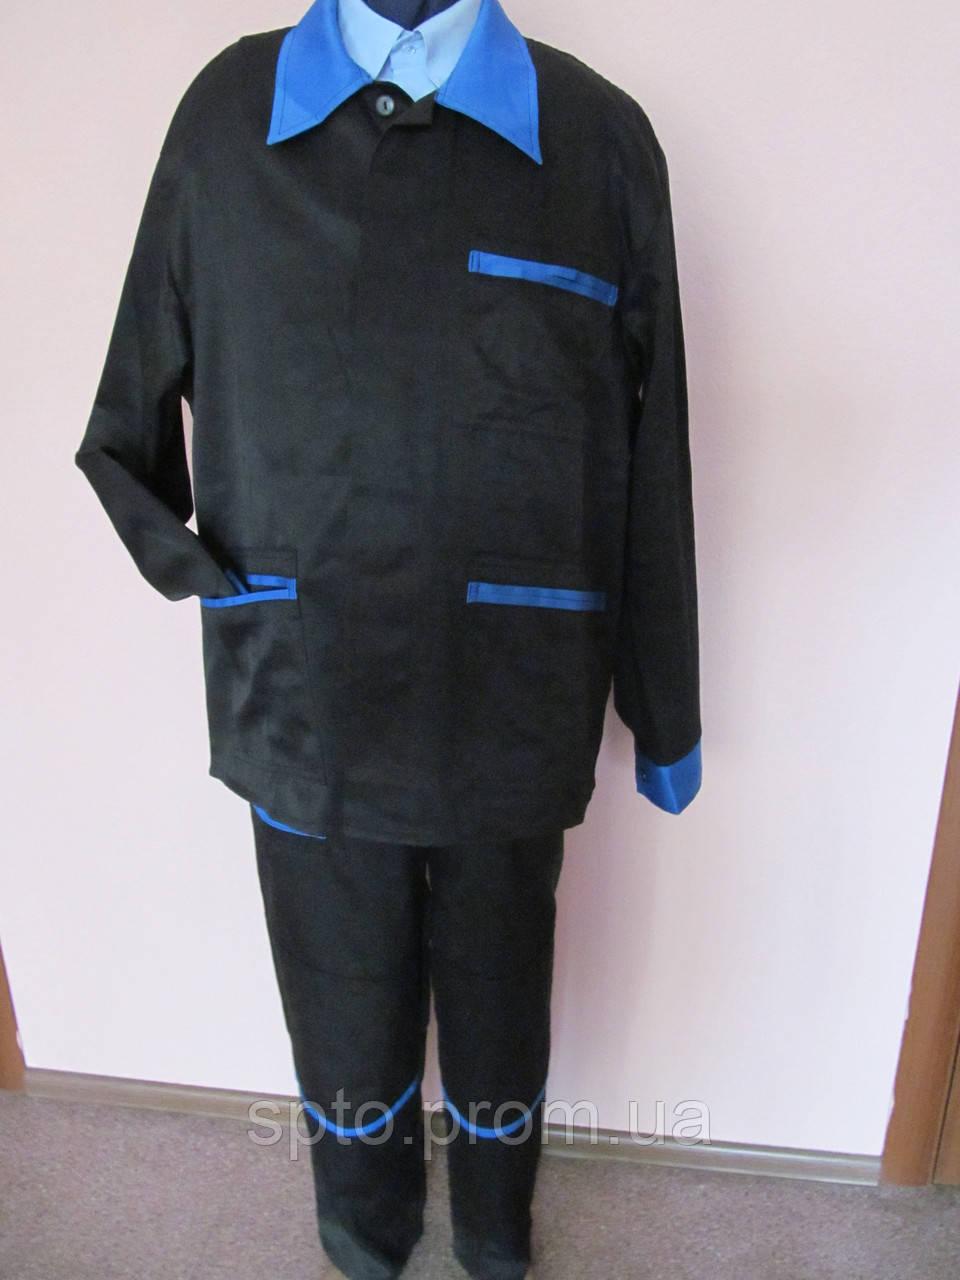 Костюм рабочий черный с синими вставками. Размер 54